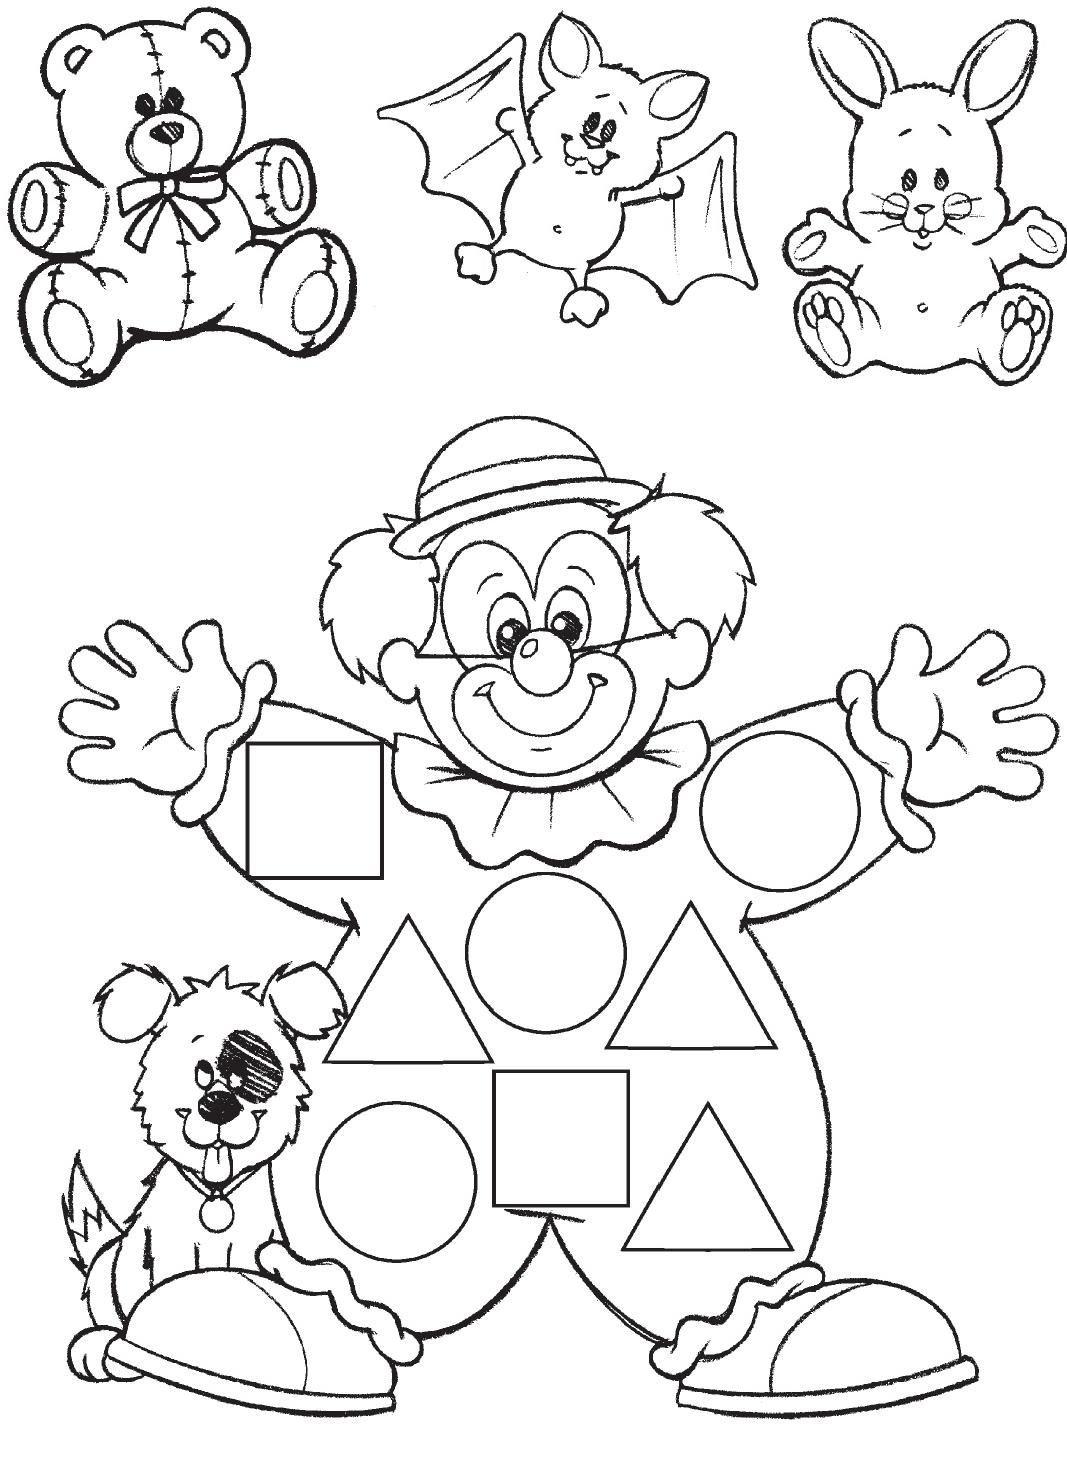 Desenhos De Palhacos Para Colorir Sketch Coloring Page